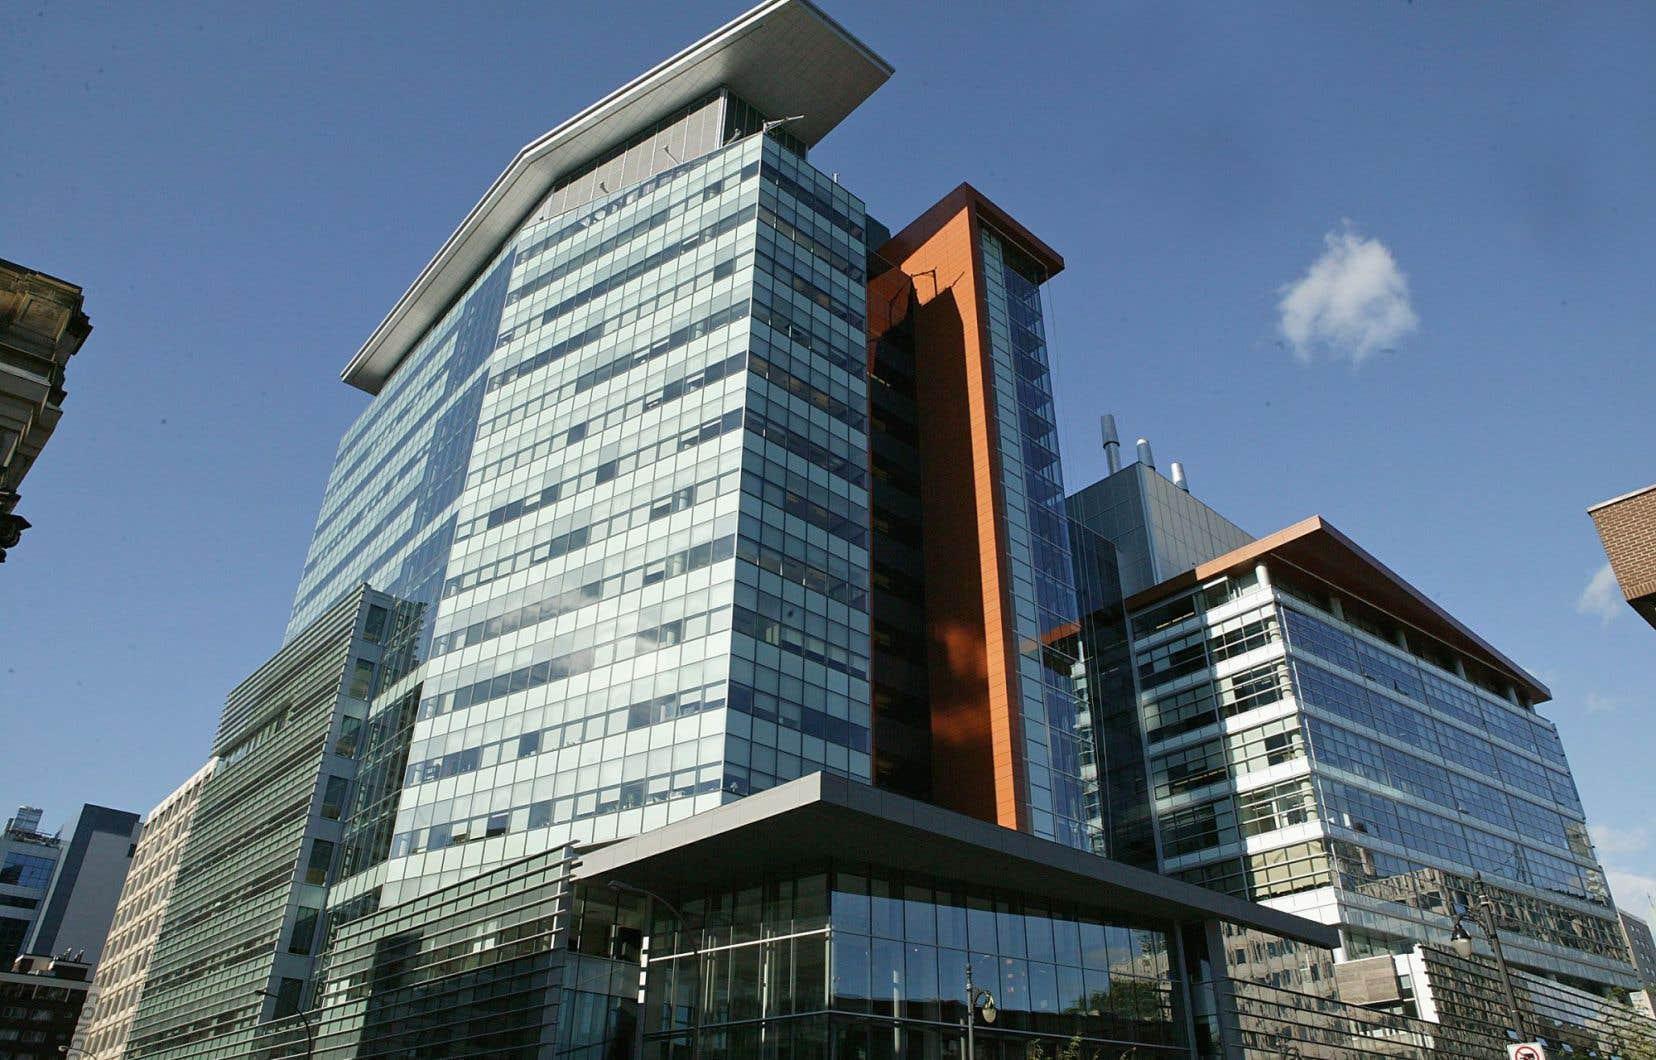 Concordia n'est pas la seule université au Canada à subir des pressions pour réorienter les politiques d'investissement de son fonds de dotation, rapporte Bram Freedman, président du CA de la fondation de l'université.